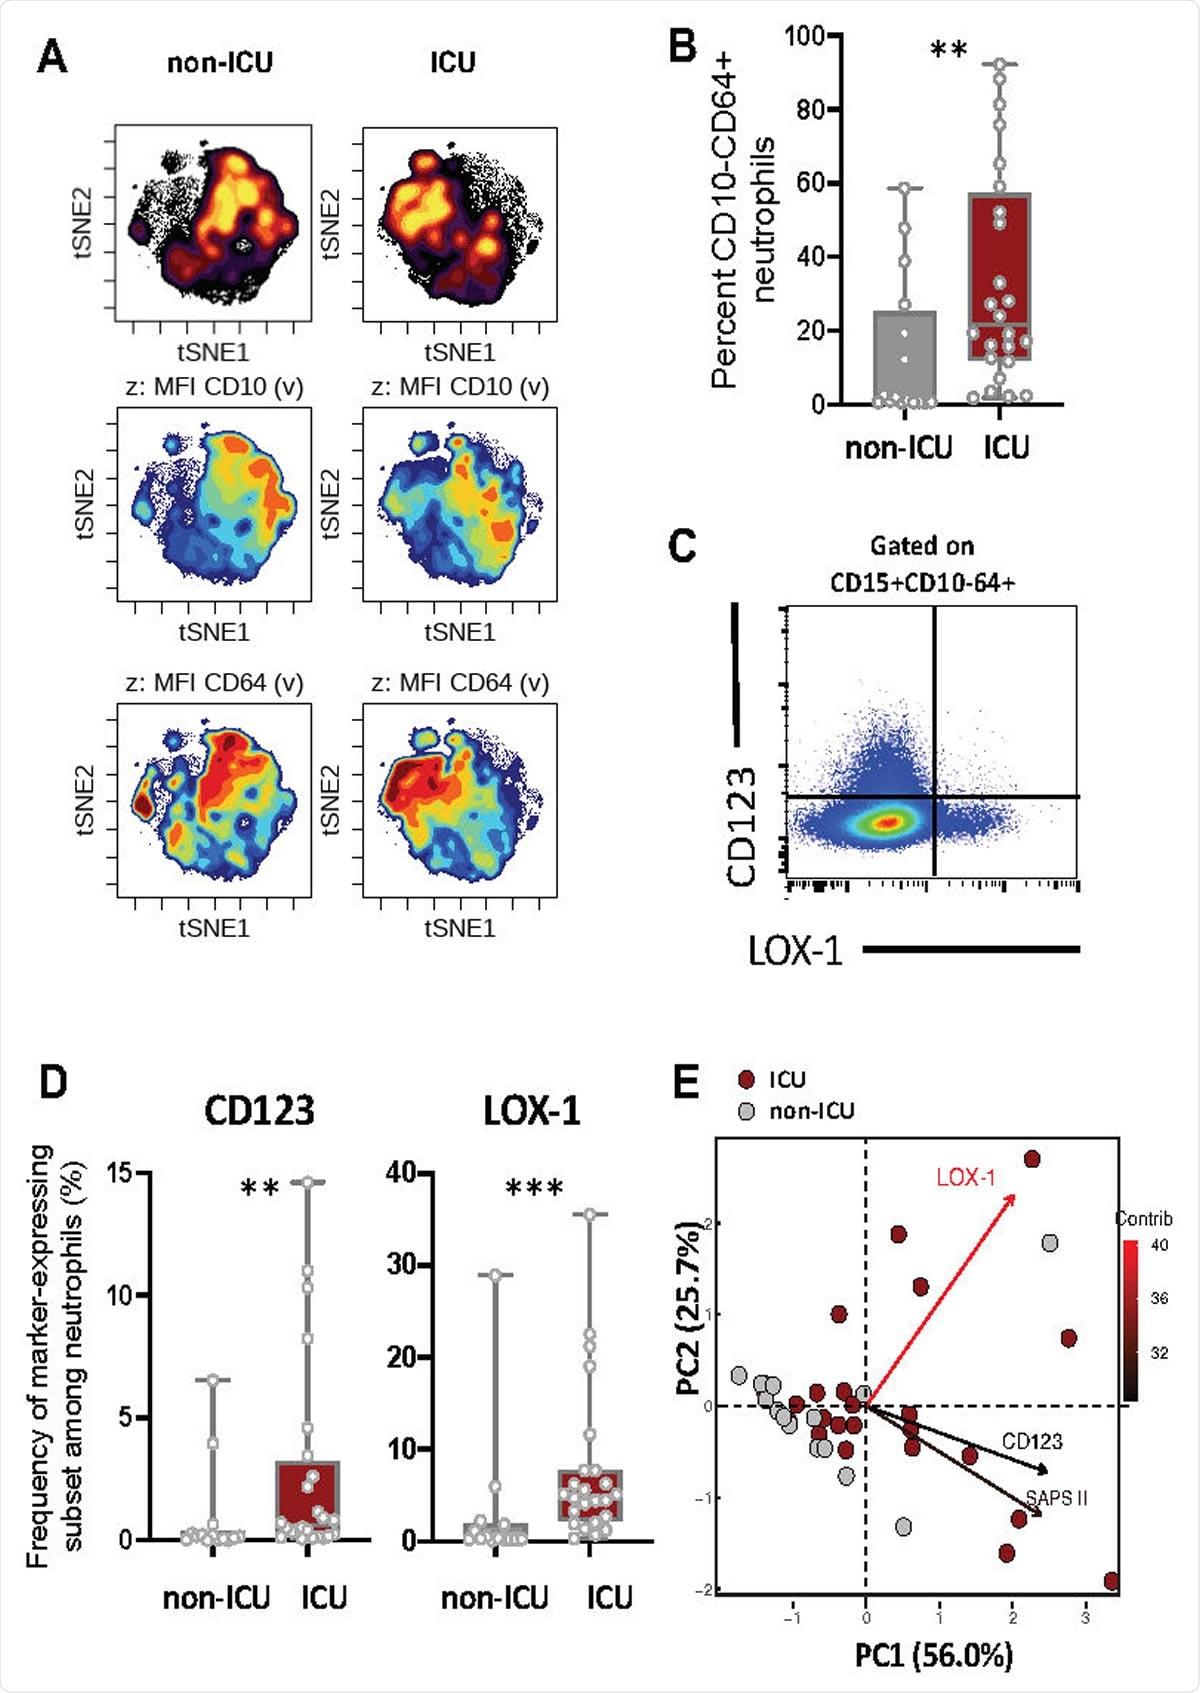 Les patients COVID-19 sévères manifestés ont augmenté les sous-ensembles immatures de neutrophile exprimant CD123 ou LOX-1. (a) l